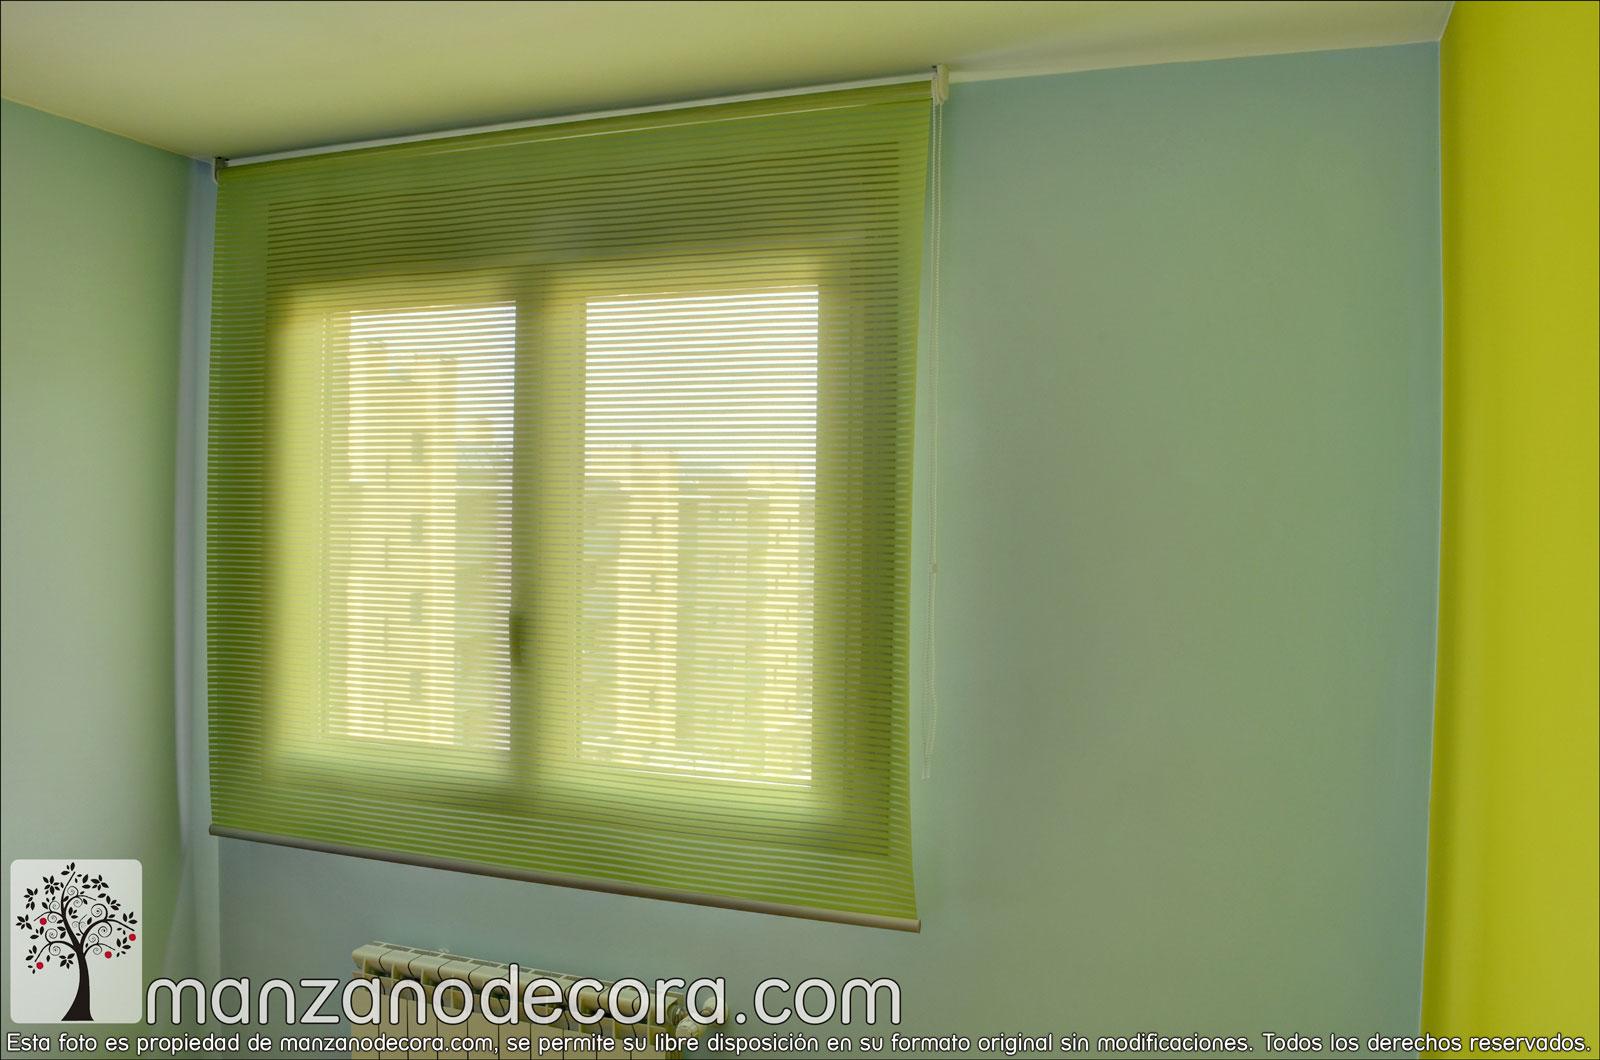 Estores cortinas manzanodecora - Fotos de estores ...